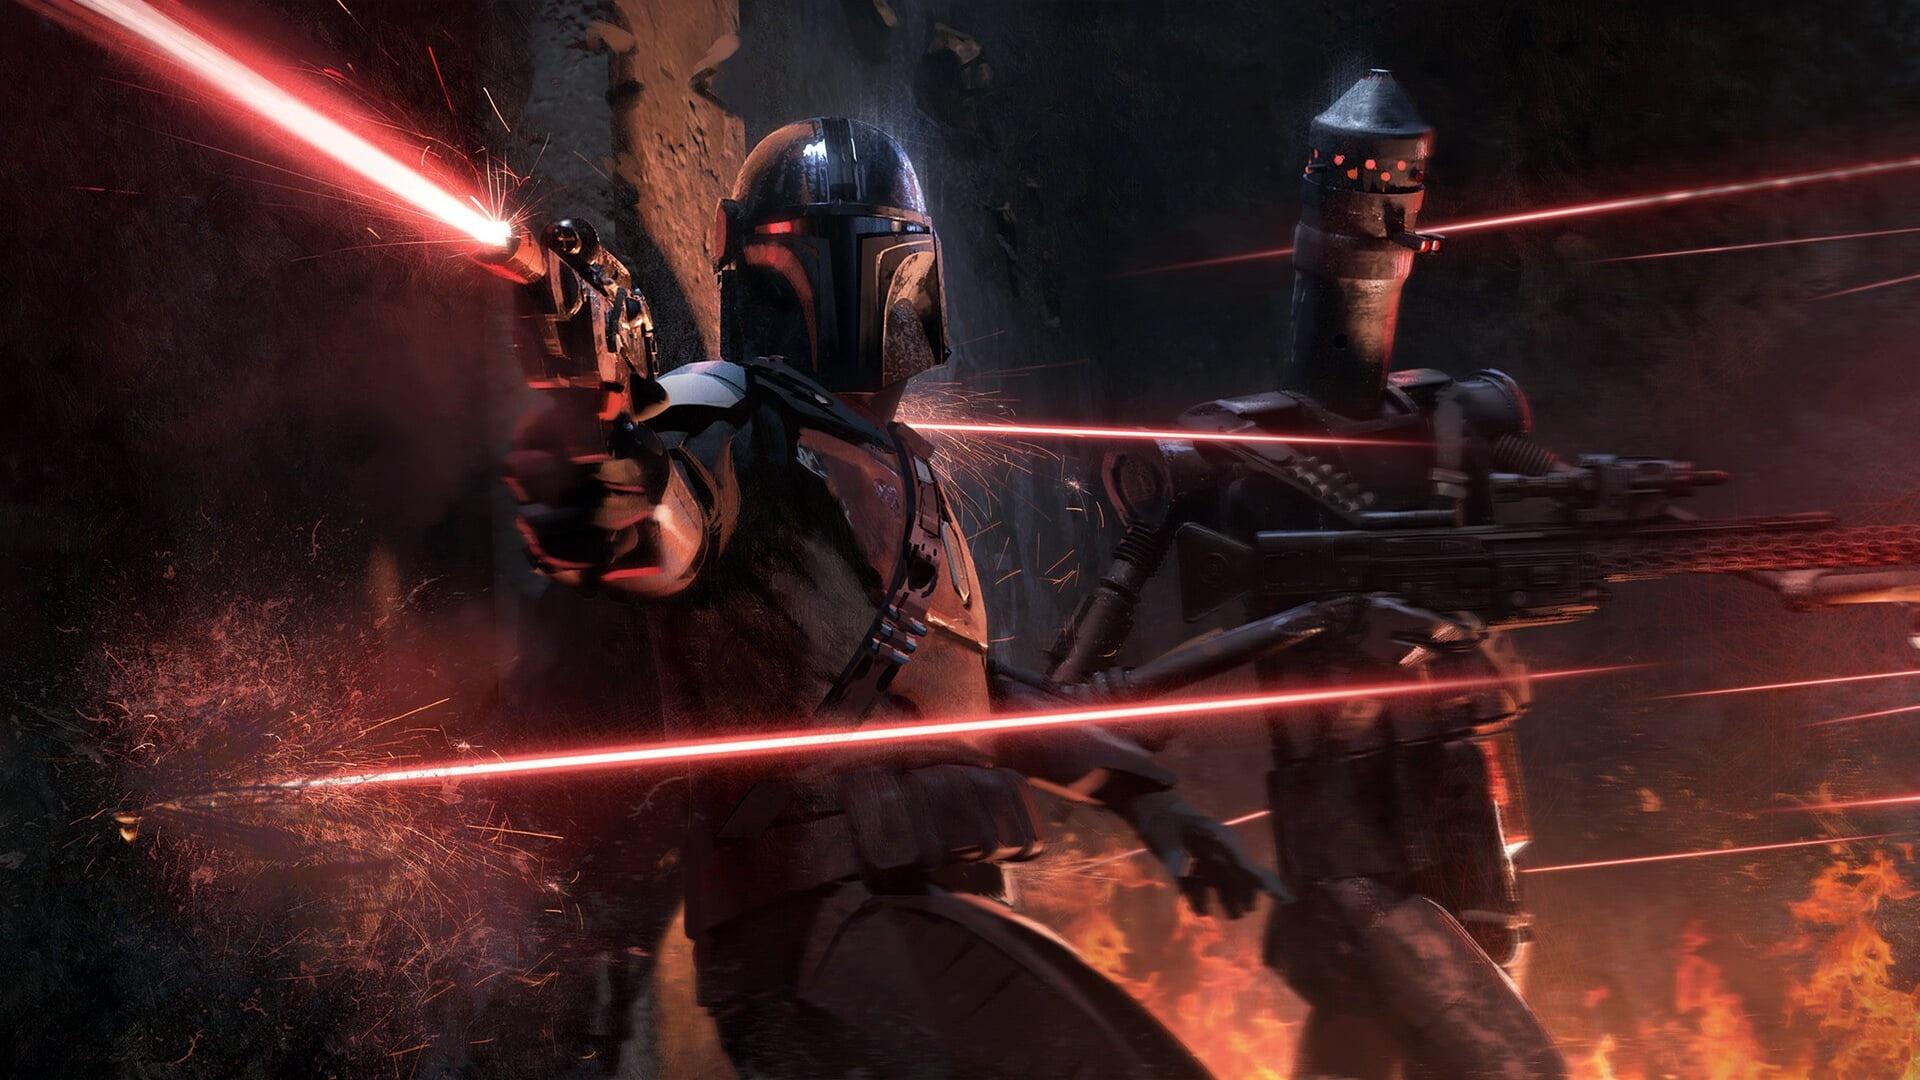 Star Wars background wallpaper